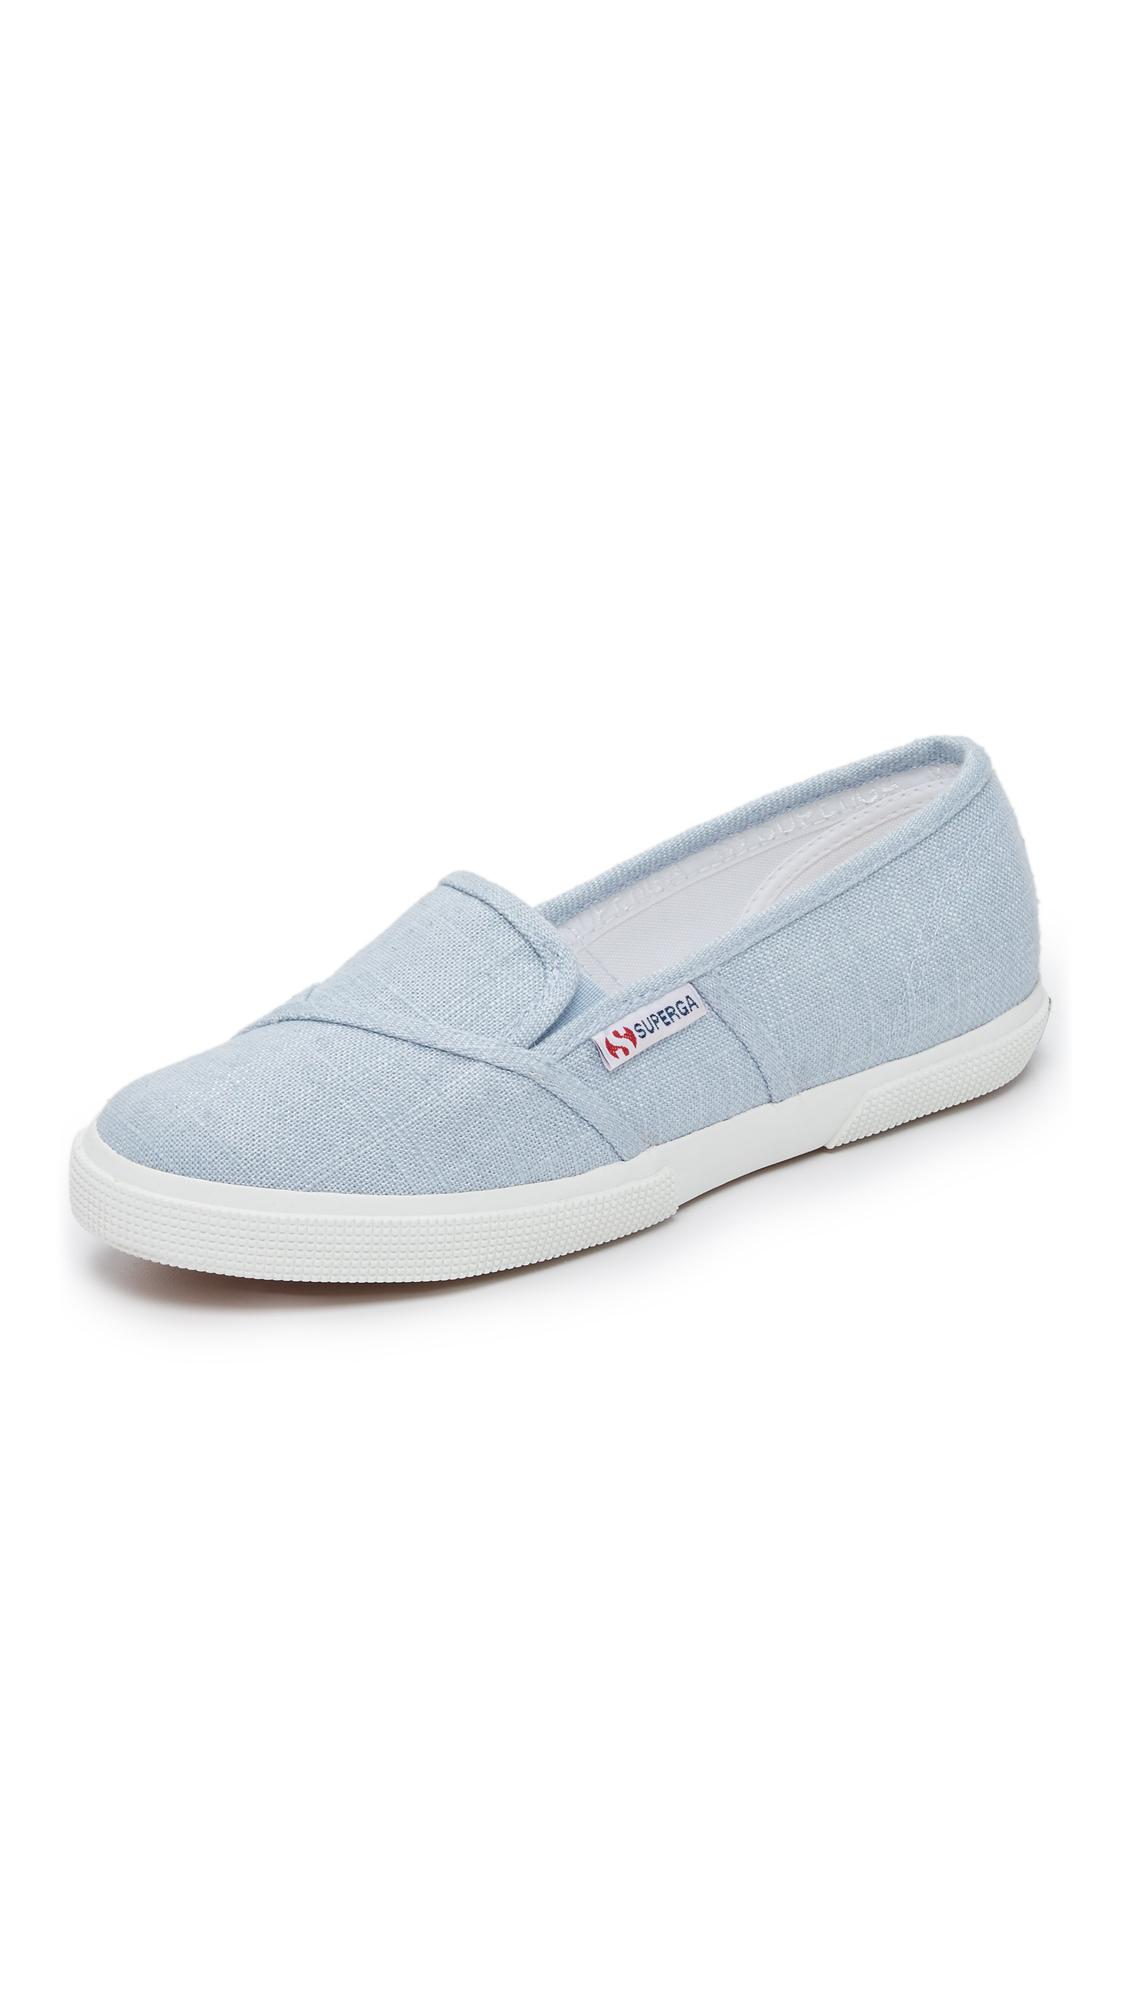 af0af2fb6b3 Lyst - Superga Linen Slip On Sneakers in Blue